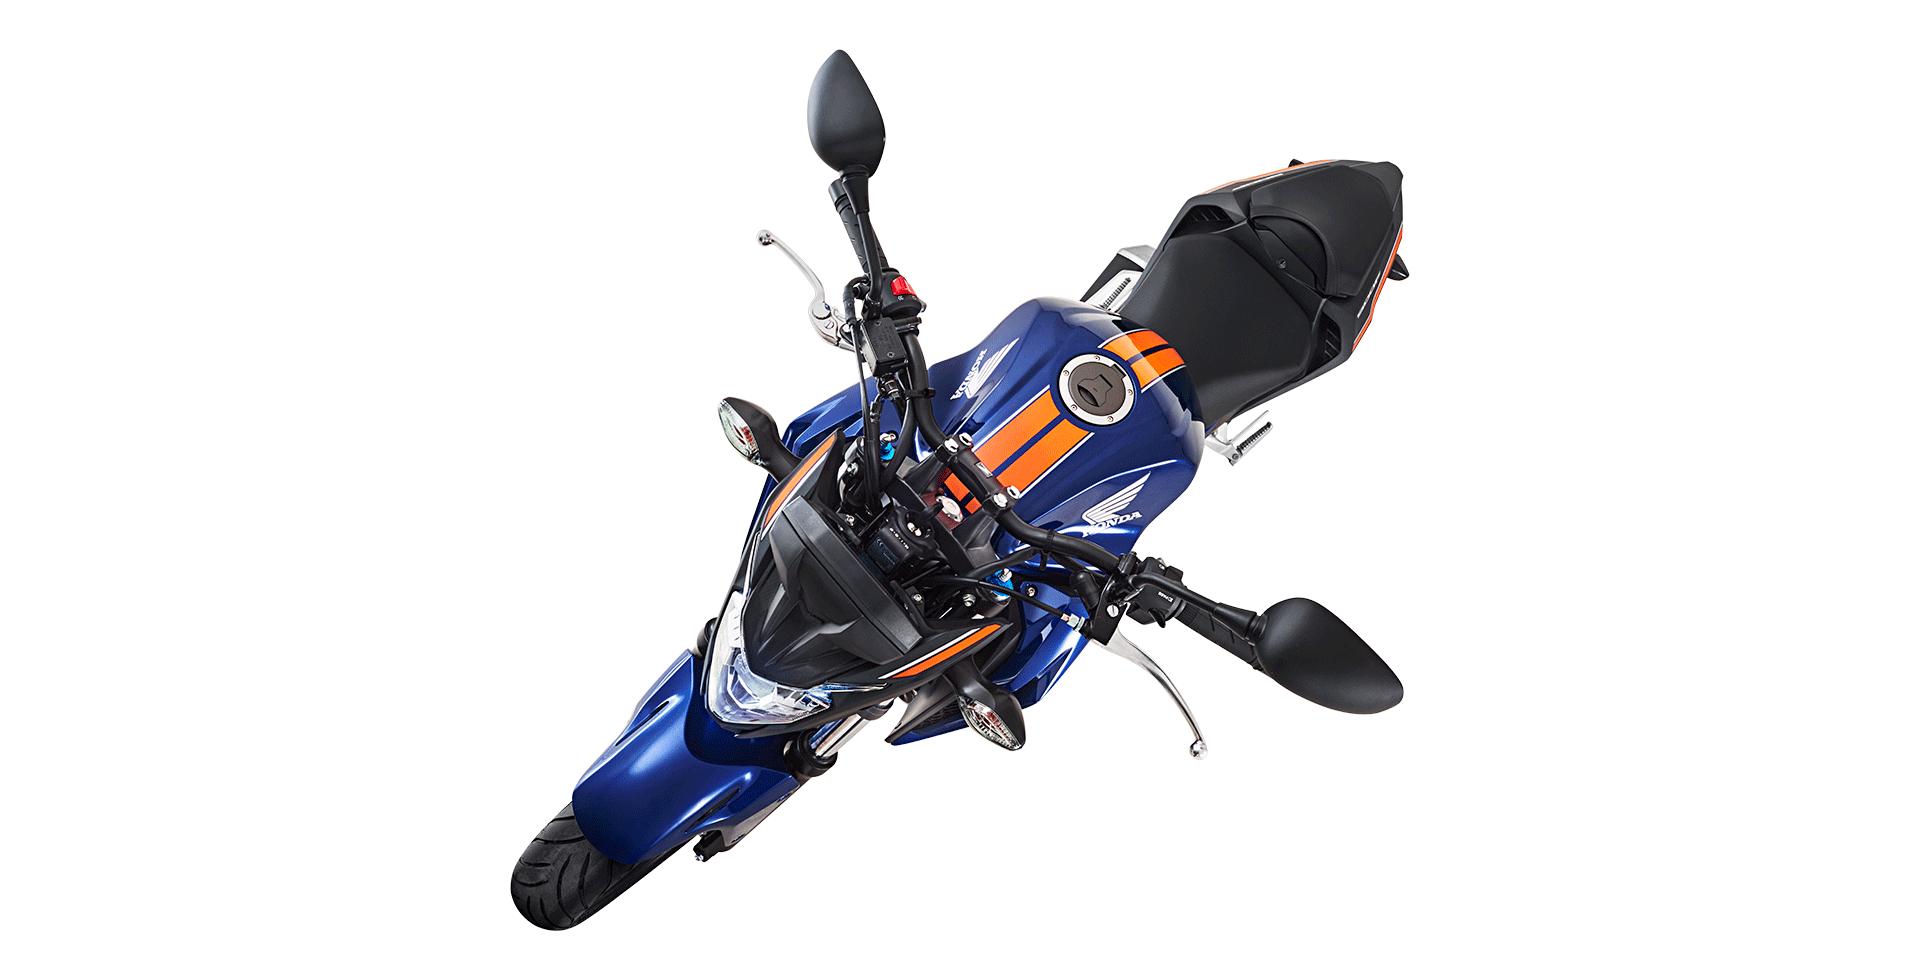 New Honda CB 500 F 2021